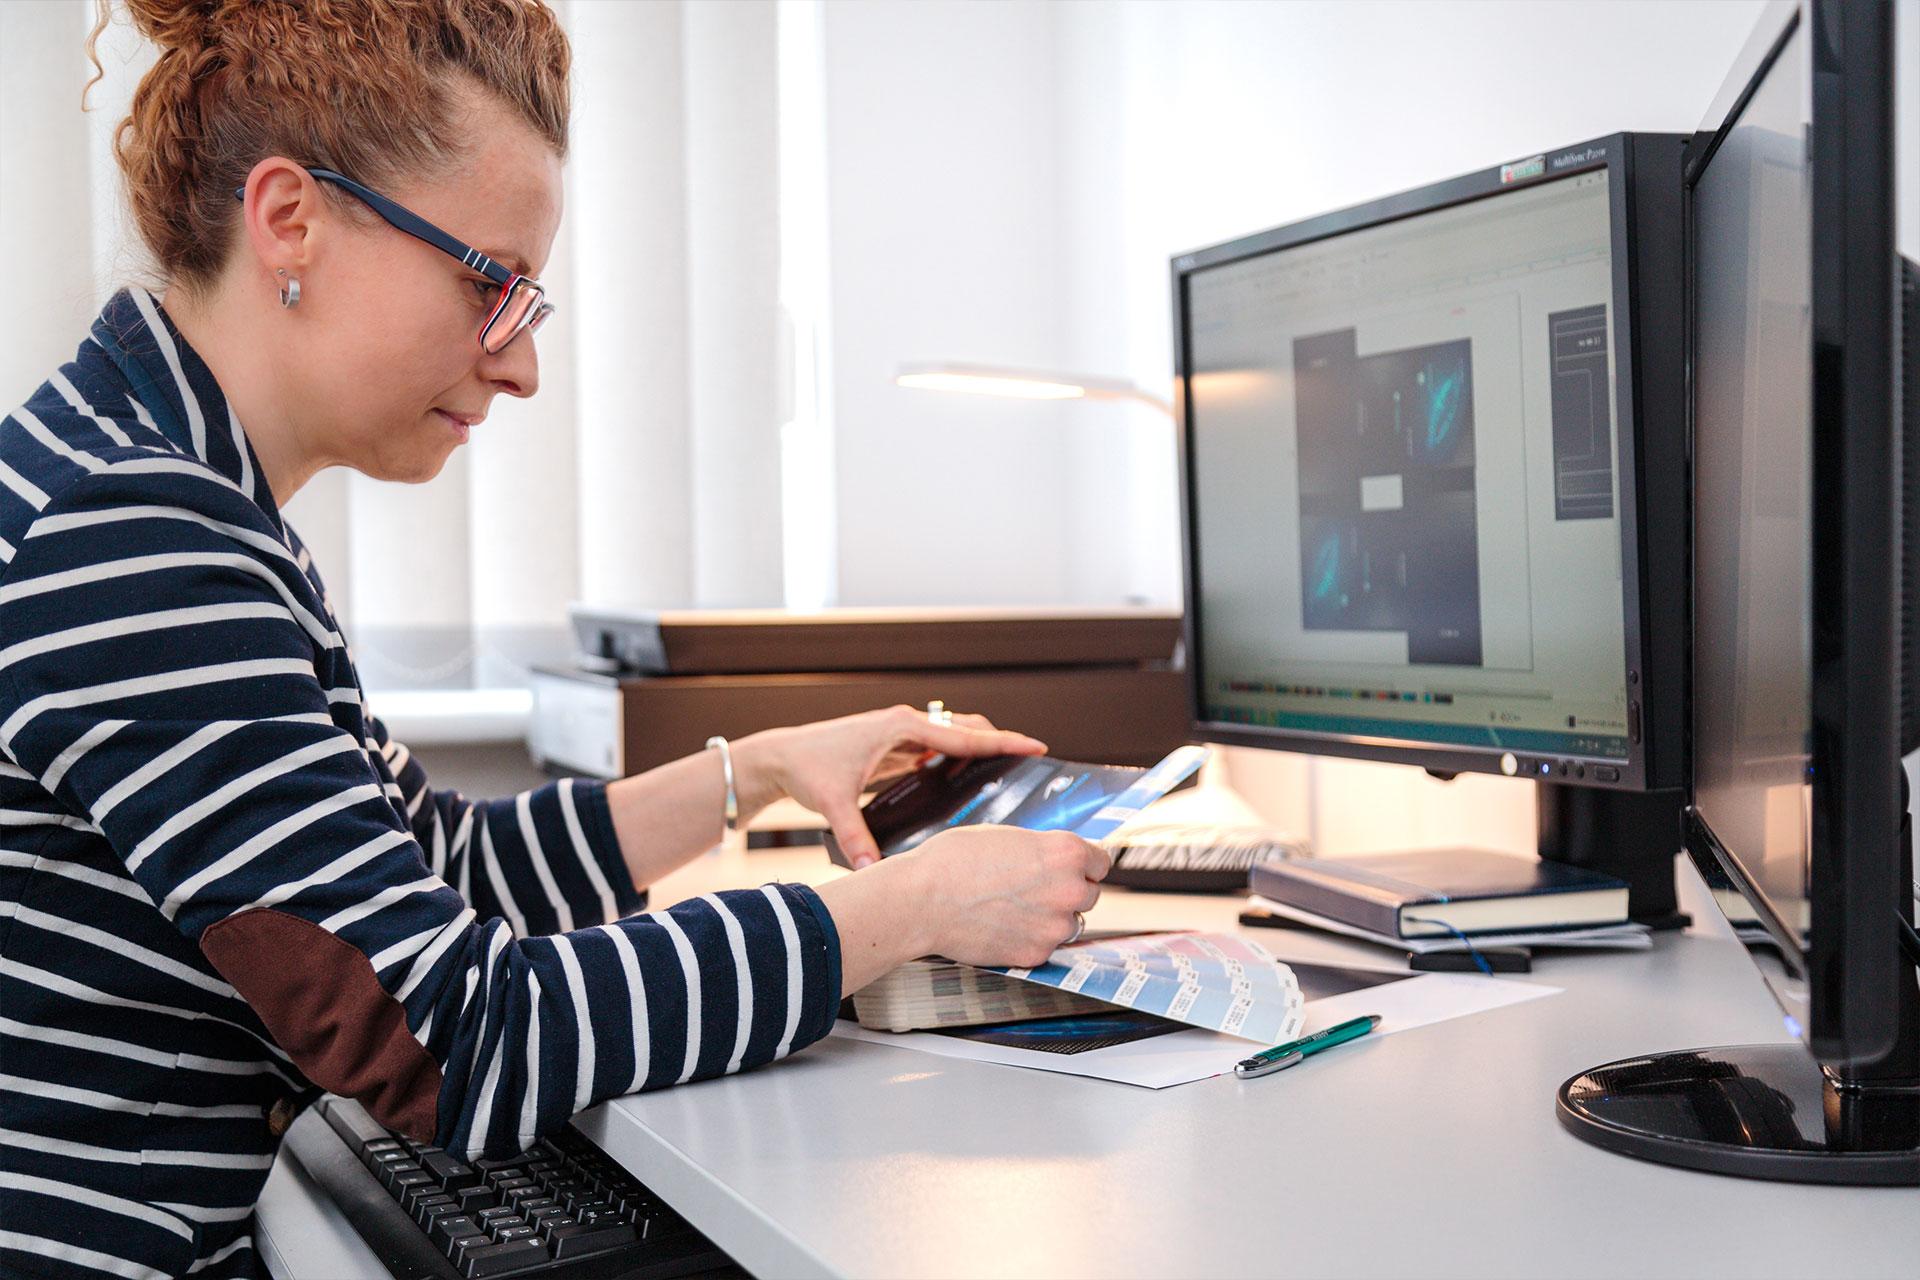 kobieta przy komputerze przygotowująca druk